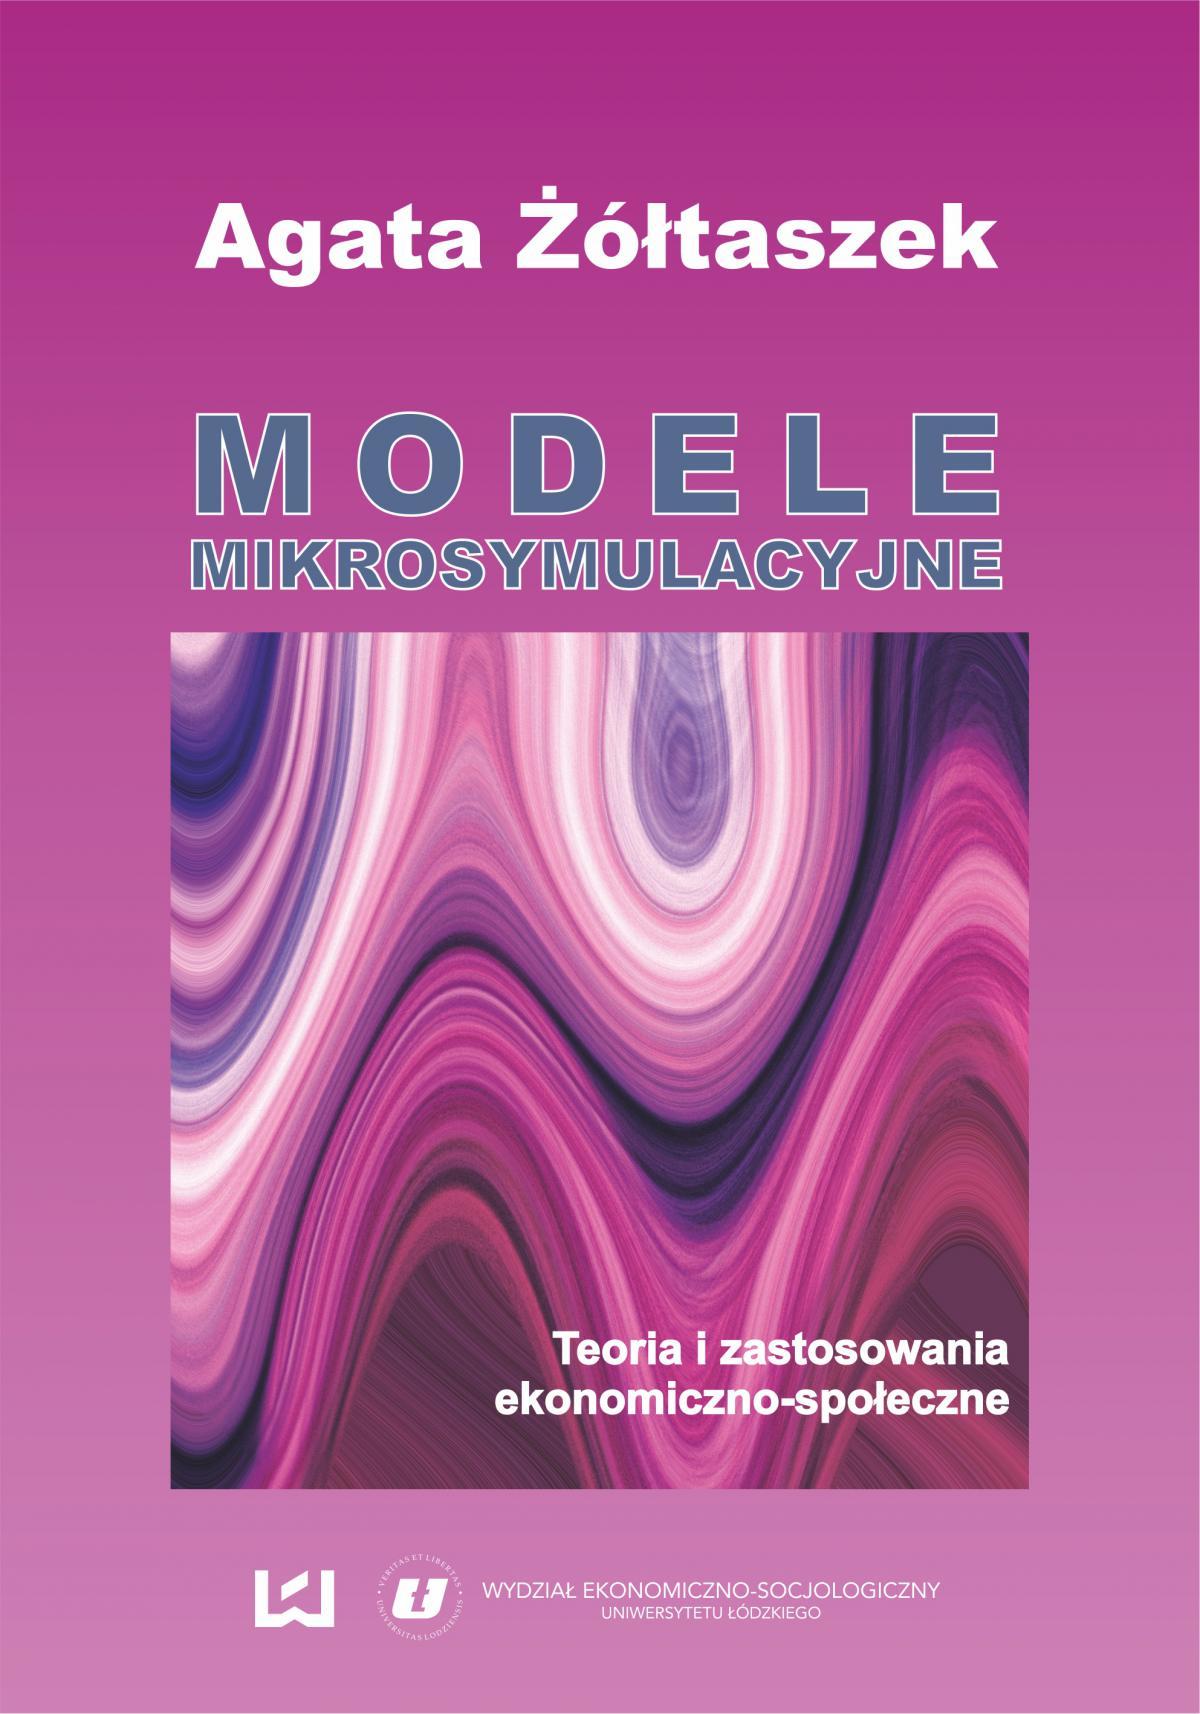 Modele mikrosymulacyjne. Teoria i zastosowania ekonomiczno-społeczne - Ebook (Książka PDF) do pobrania w formacie PDF